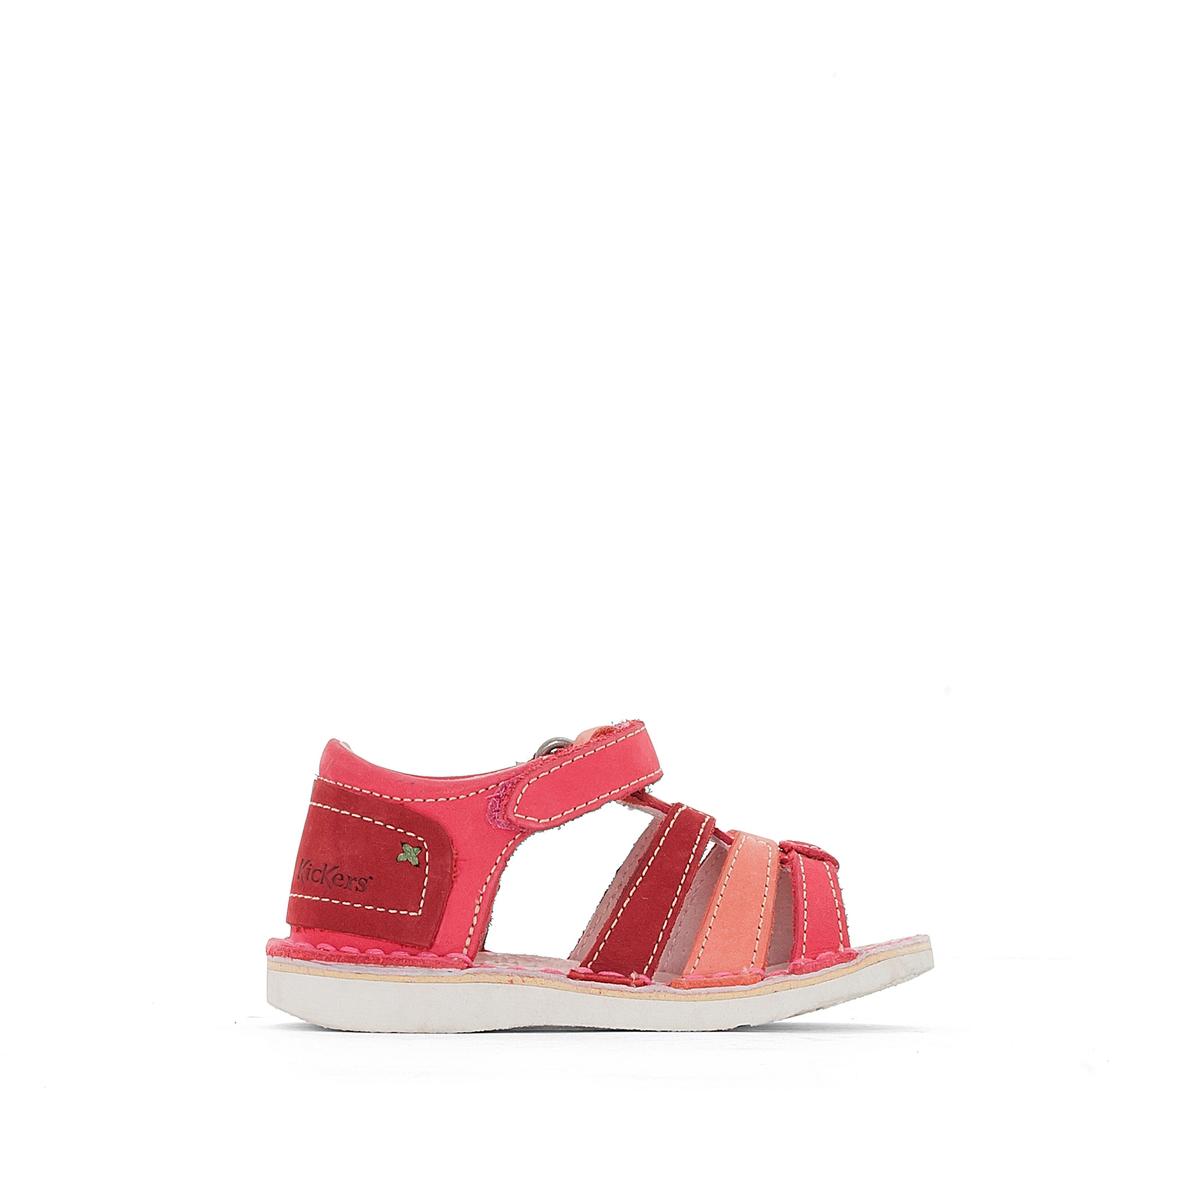 Босоножки кожаные WoopyВерх : кожа   Подкладка : кожа   Стелька : кожа   Подошва : каучук    Застежка : планка-велкро<br><br>Цвет: розовый